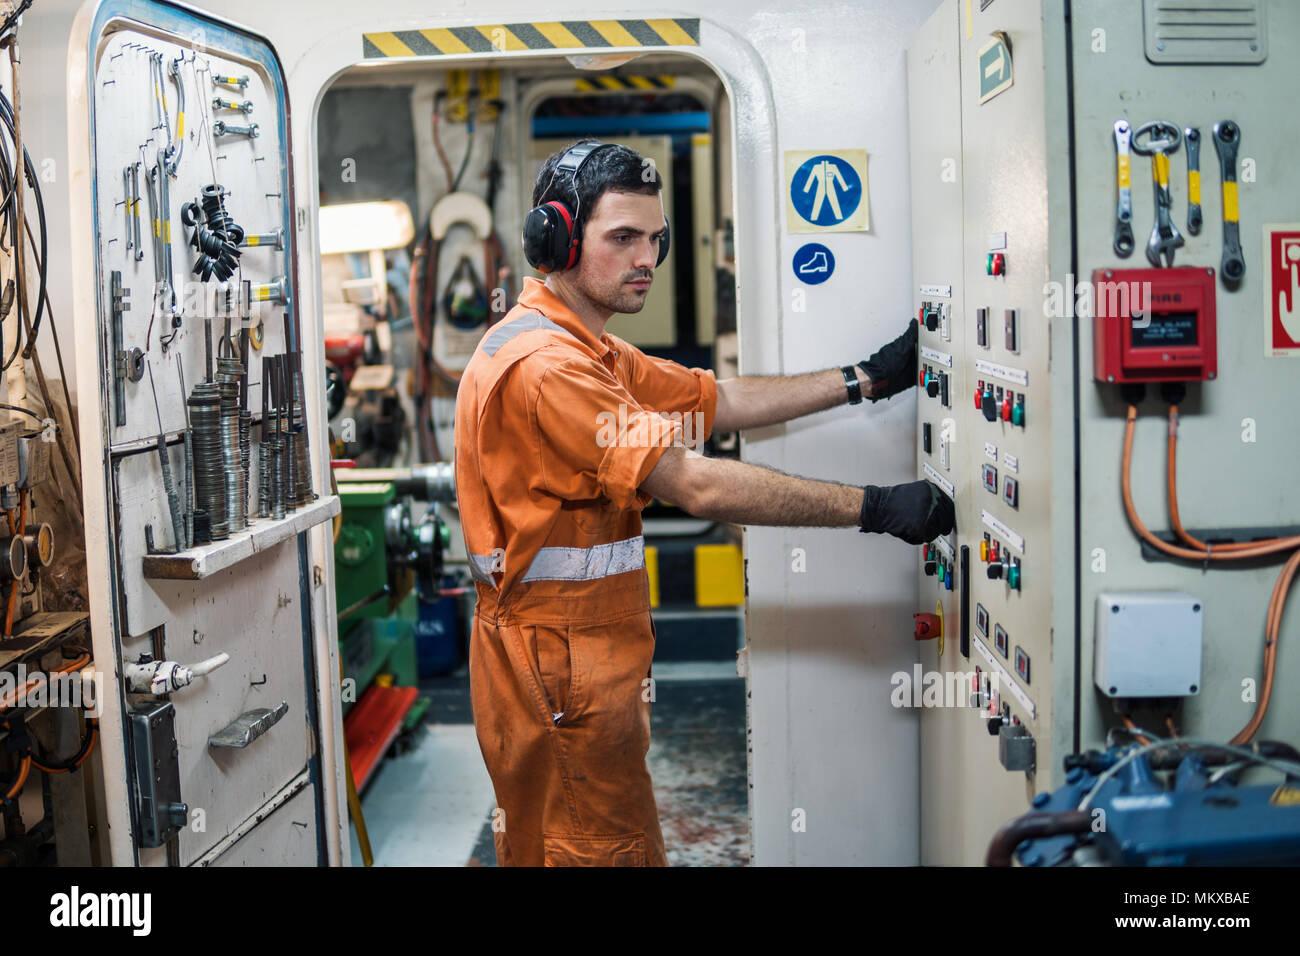 Ingegnere Marine officer recipiente di controllo motori motore in sala di controllo RACC. Immagini Stock